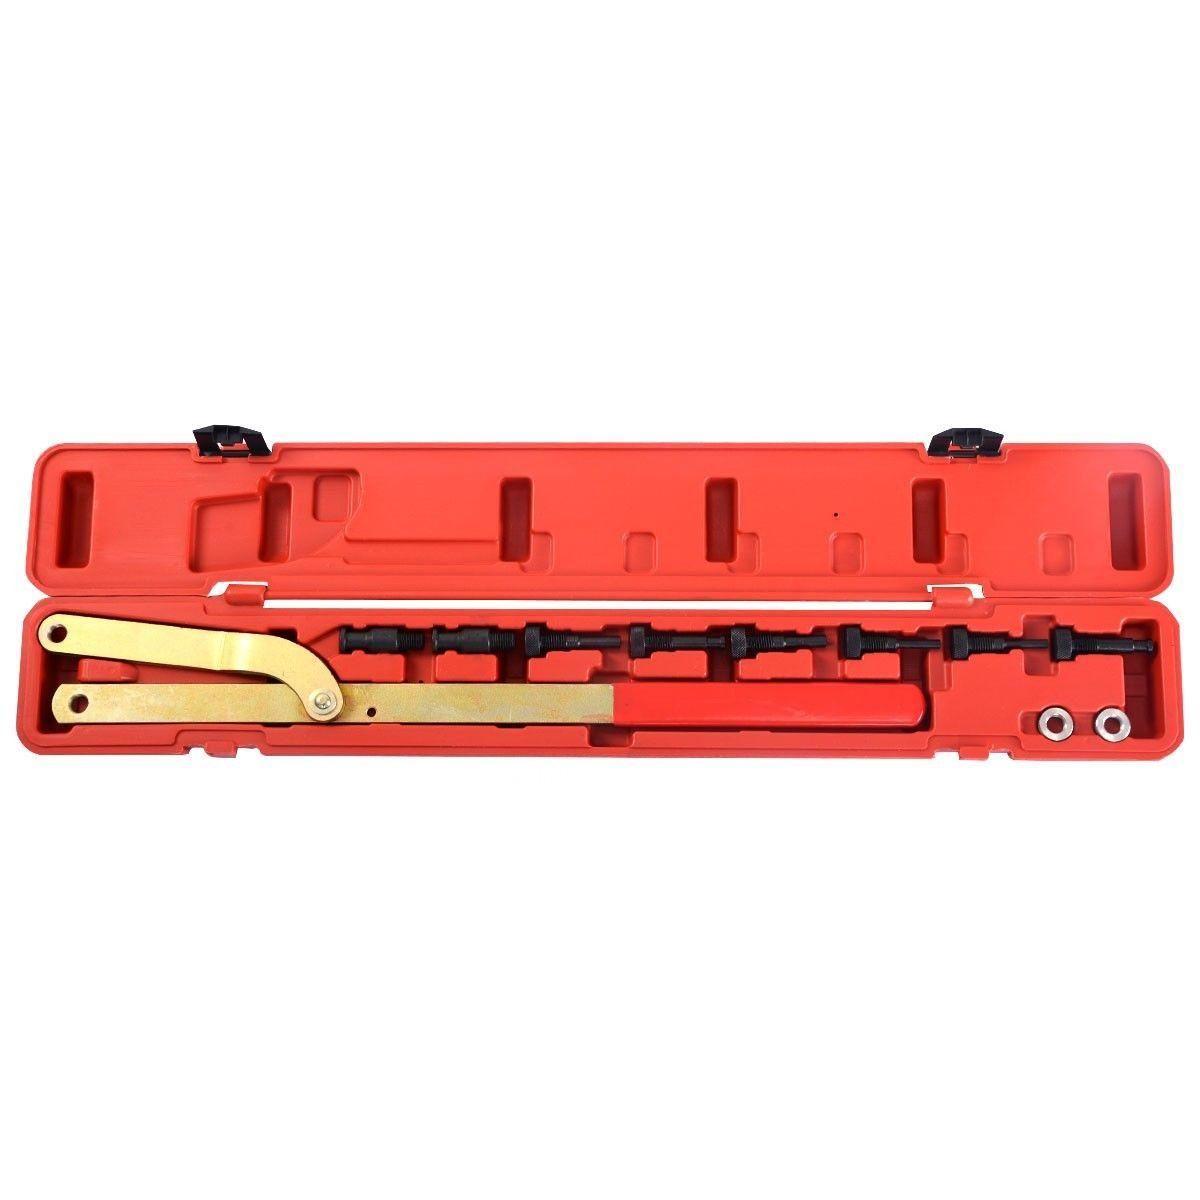 Универсальный автомобильный распределительного шкив и муфты вентилятора выравнивания УДАЛЕНИЯ держатель набор инструментов AT2229